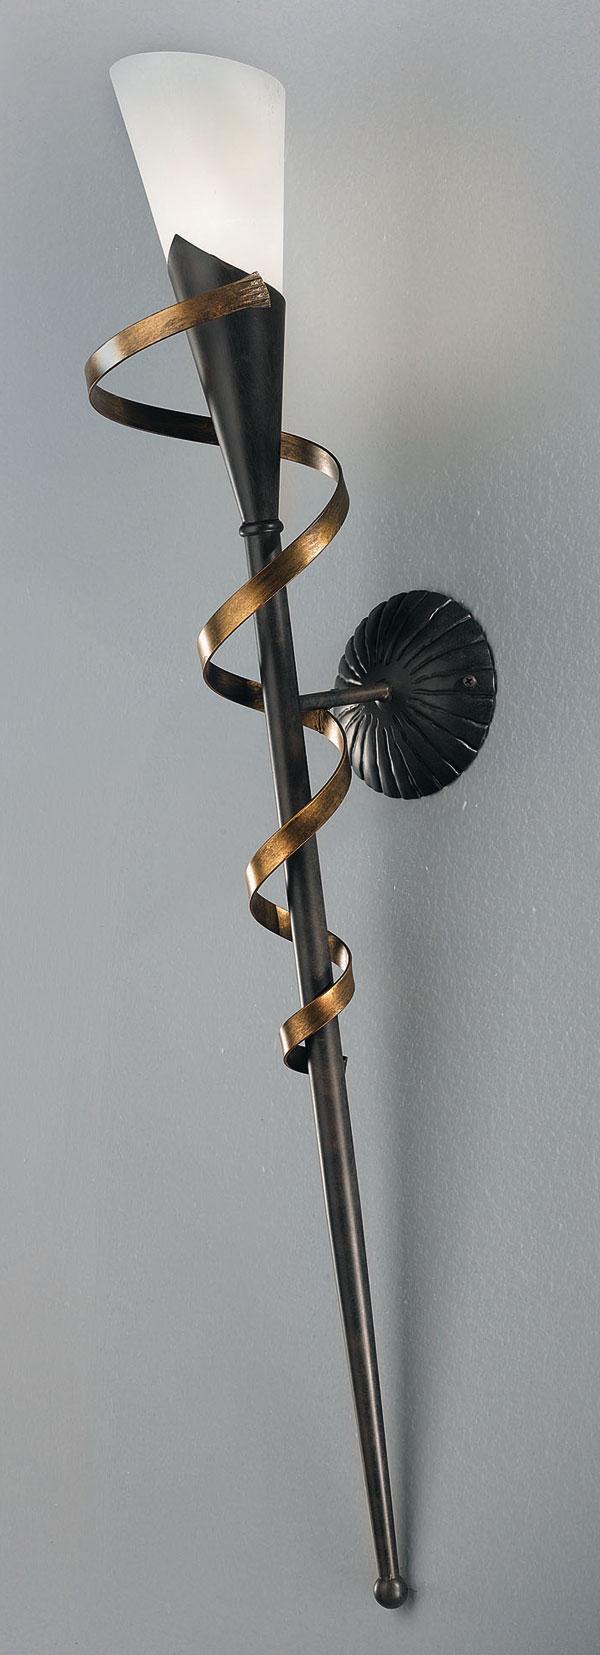 wandleuchte fackel 34514 hans k gl. Black Bedroom Furniture Sets. Home Design Ideas